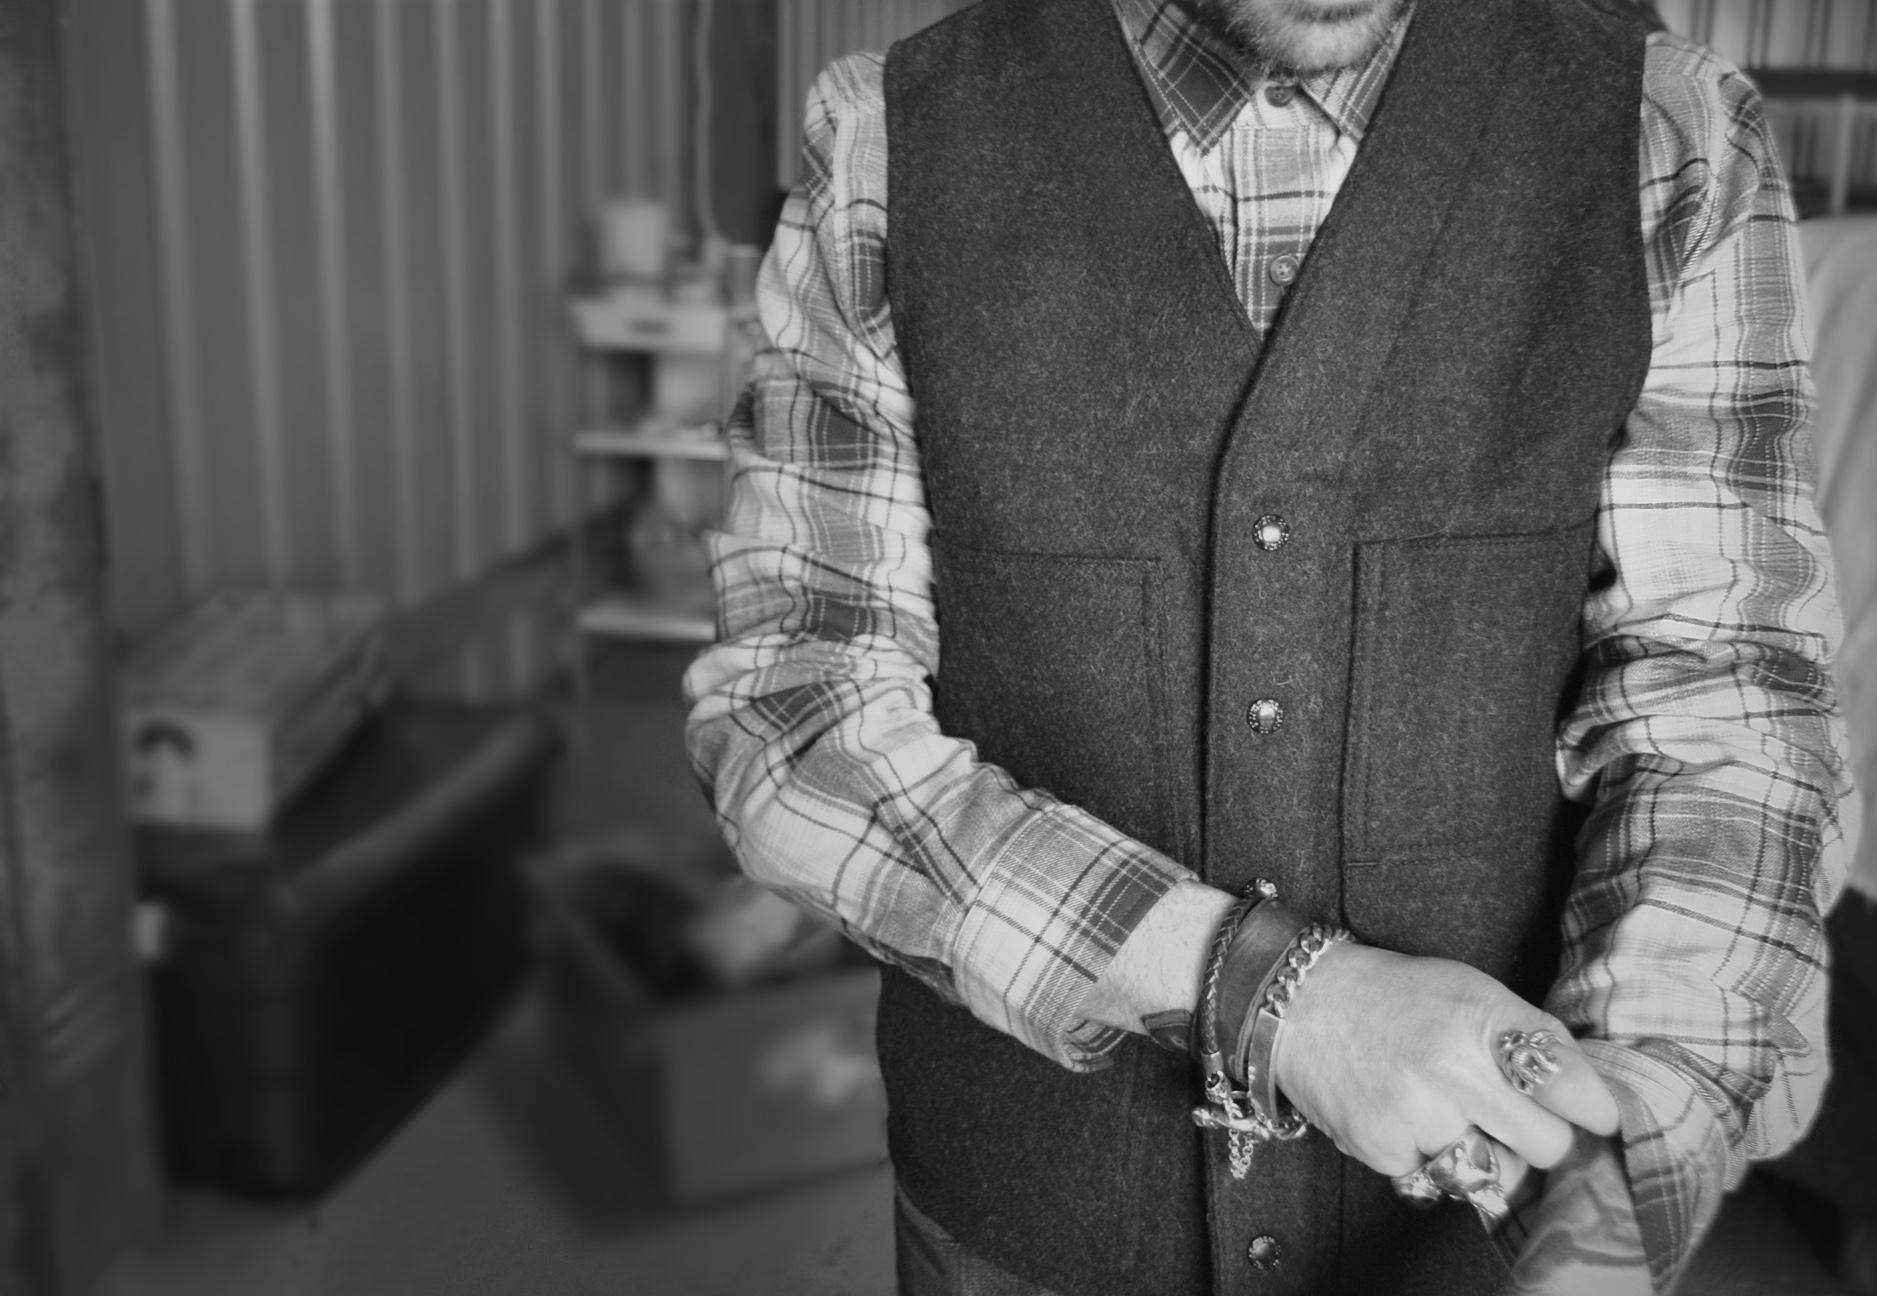 Filson waistcoat